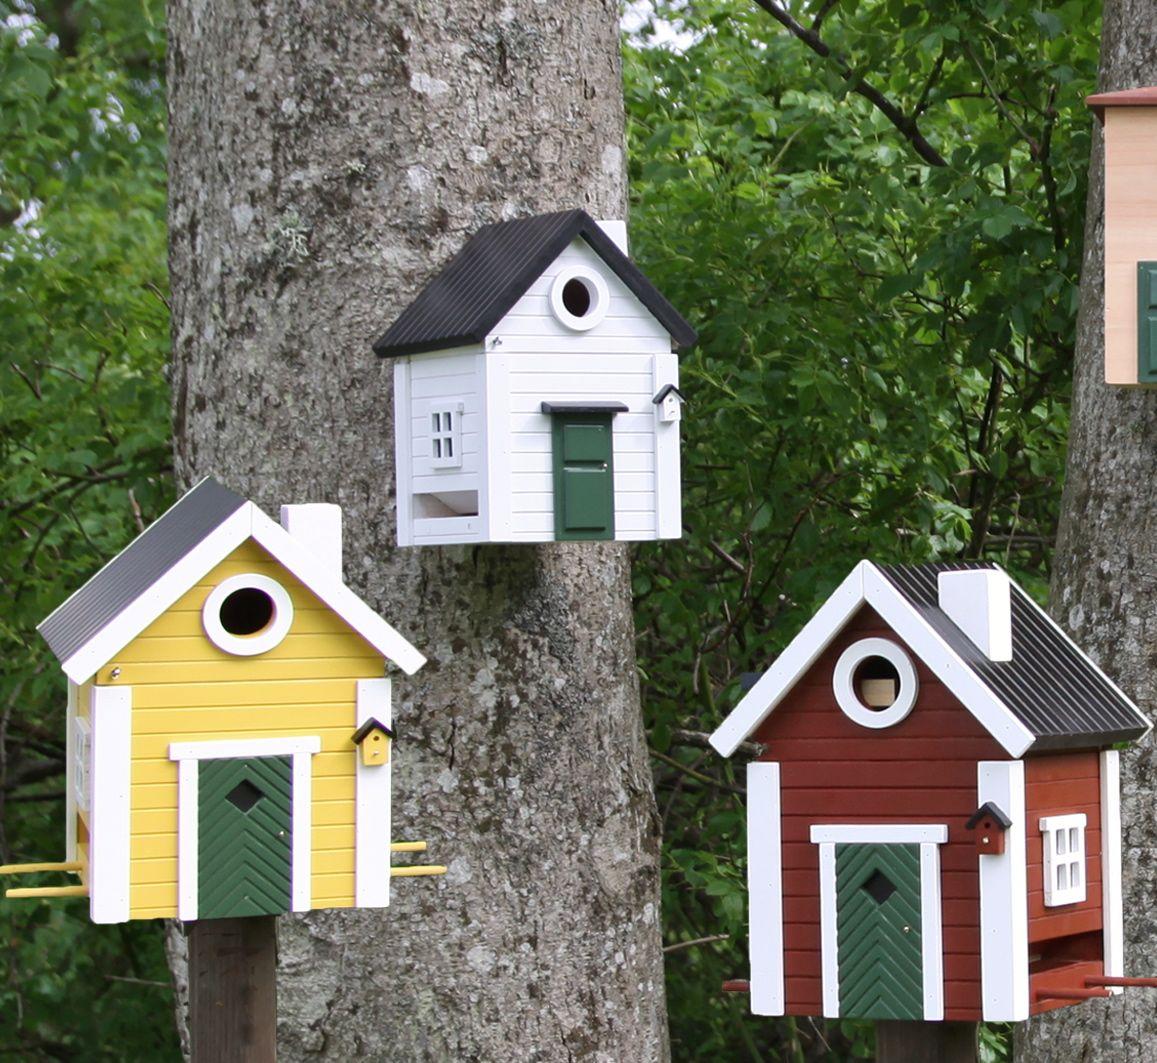 schwedenhaus rotbraun wildlife garden vogel und naturschutzprodukte einfach online kaufen. Black Bedroom Furniture Sets. Home Design Ideas